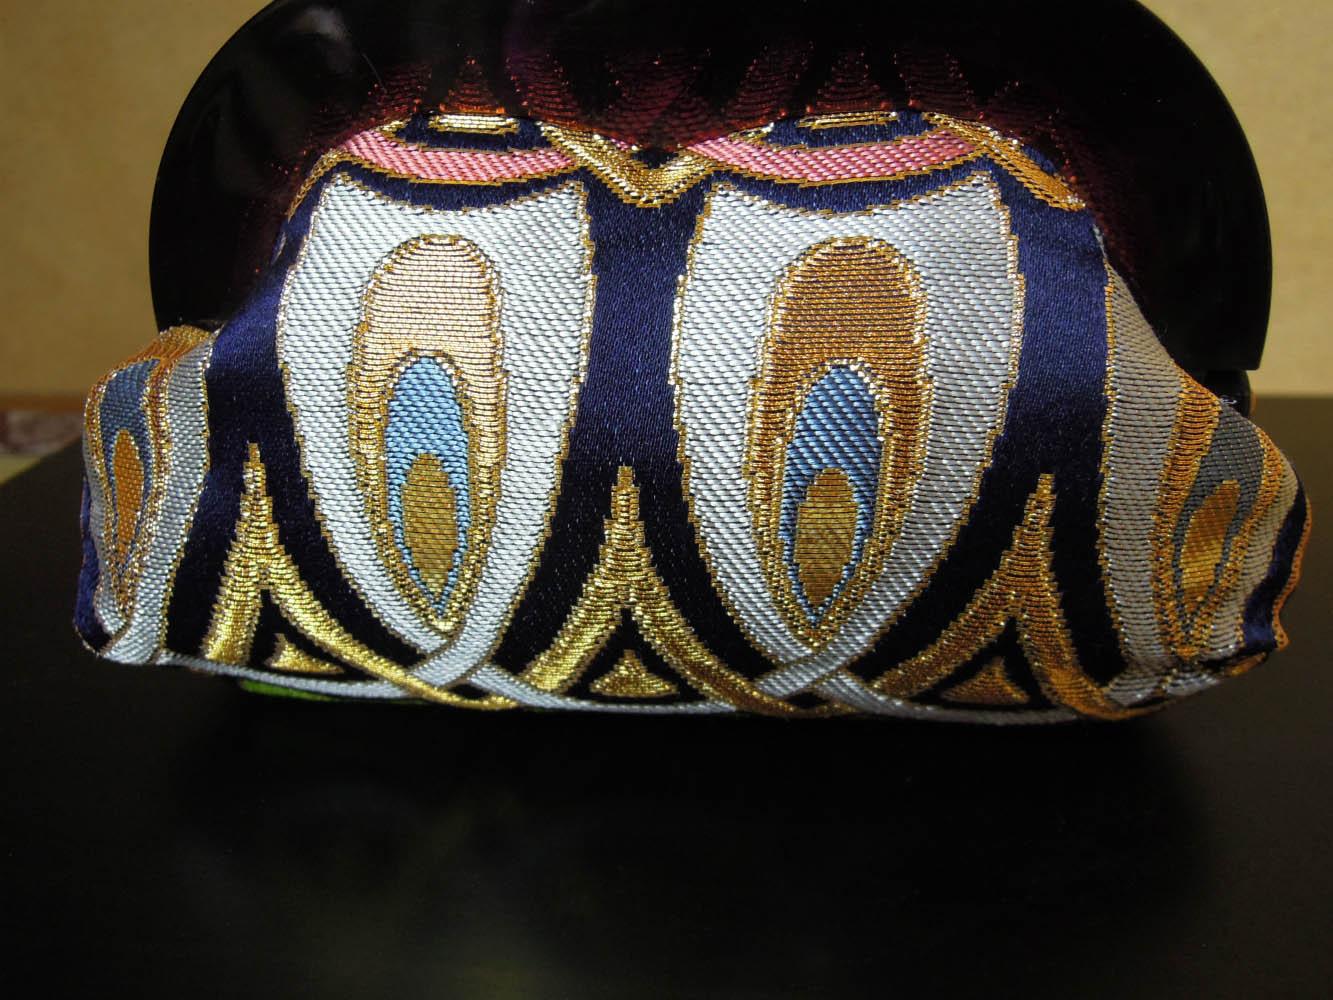 西陣金襴正絹 羽重ね紋様 プラスティックがま口バッグ 正面 小